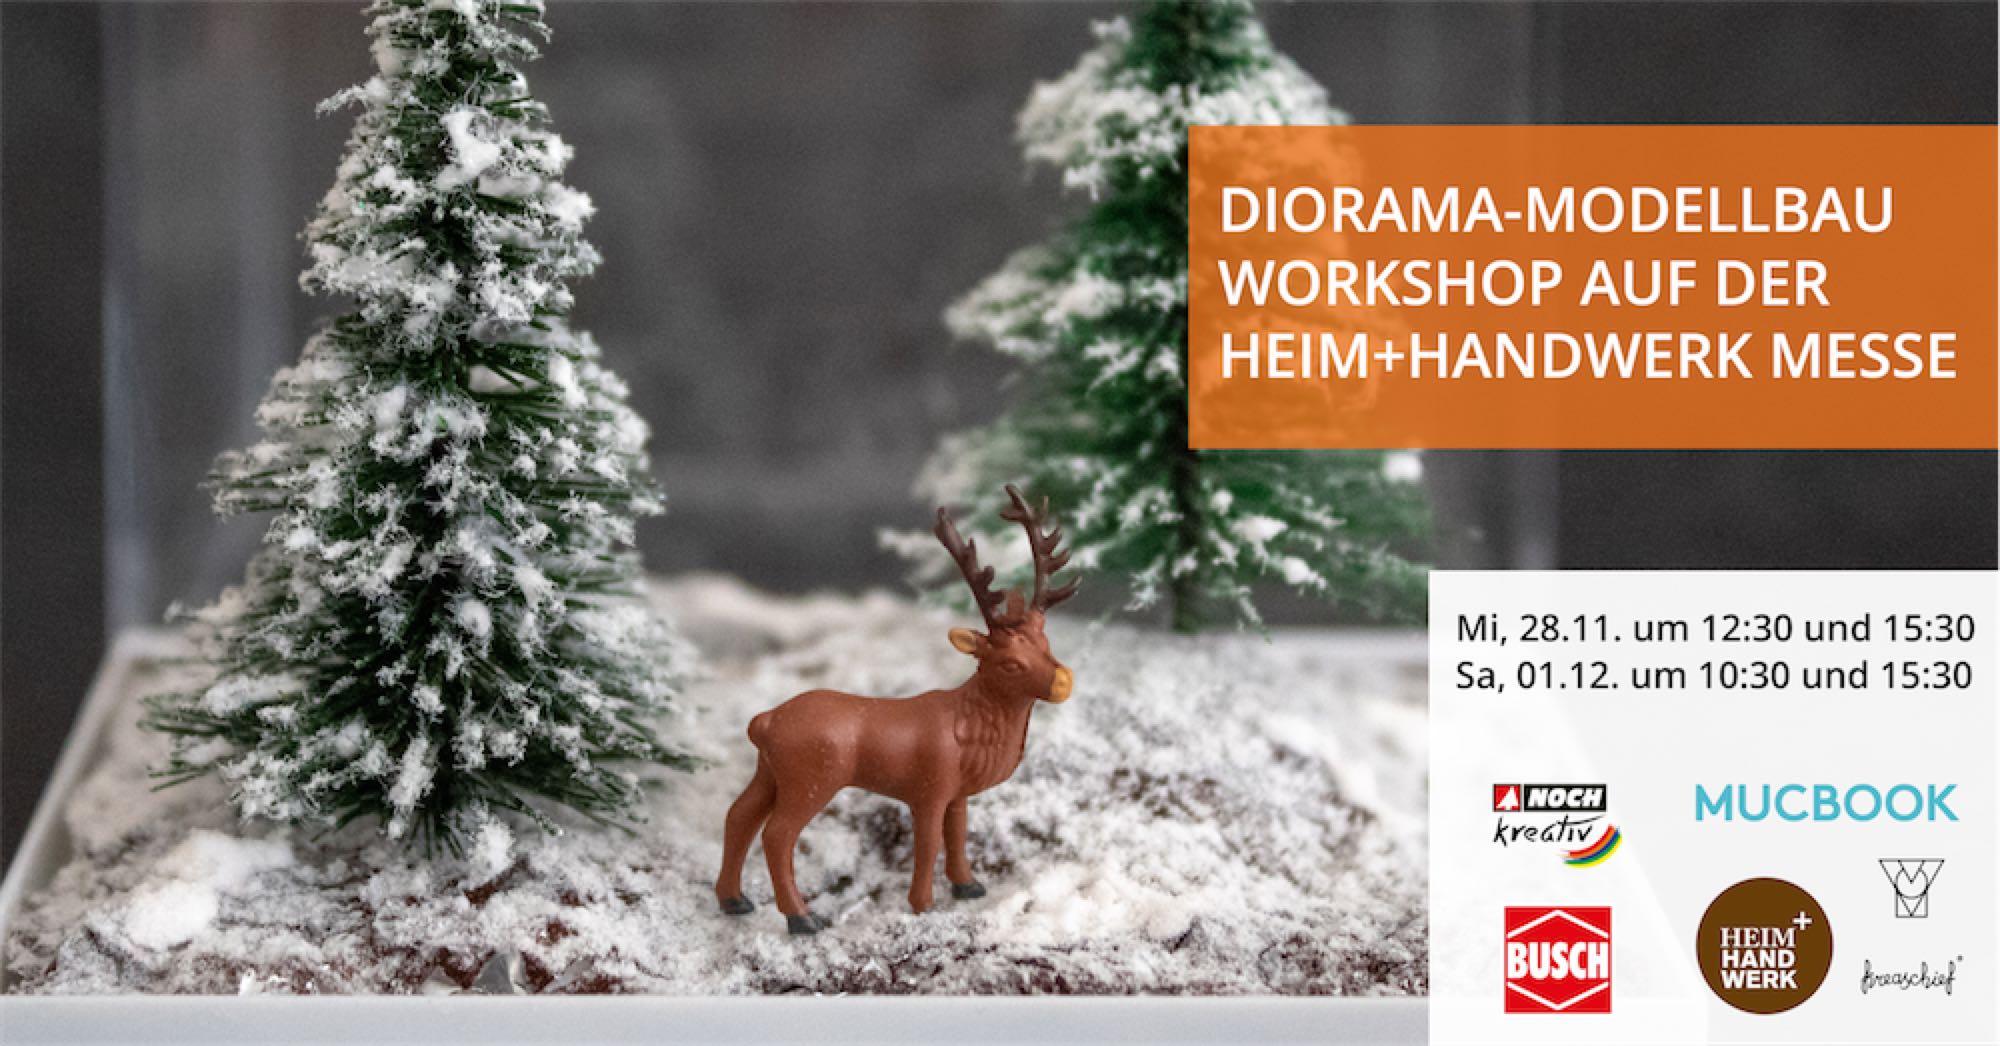 Diorama Making Workshop at the Heim+Handwerk Fair 2018